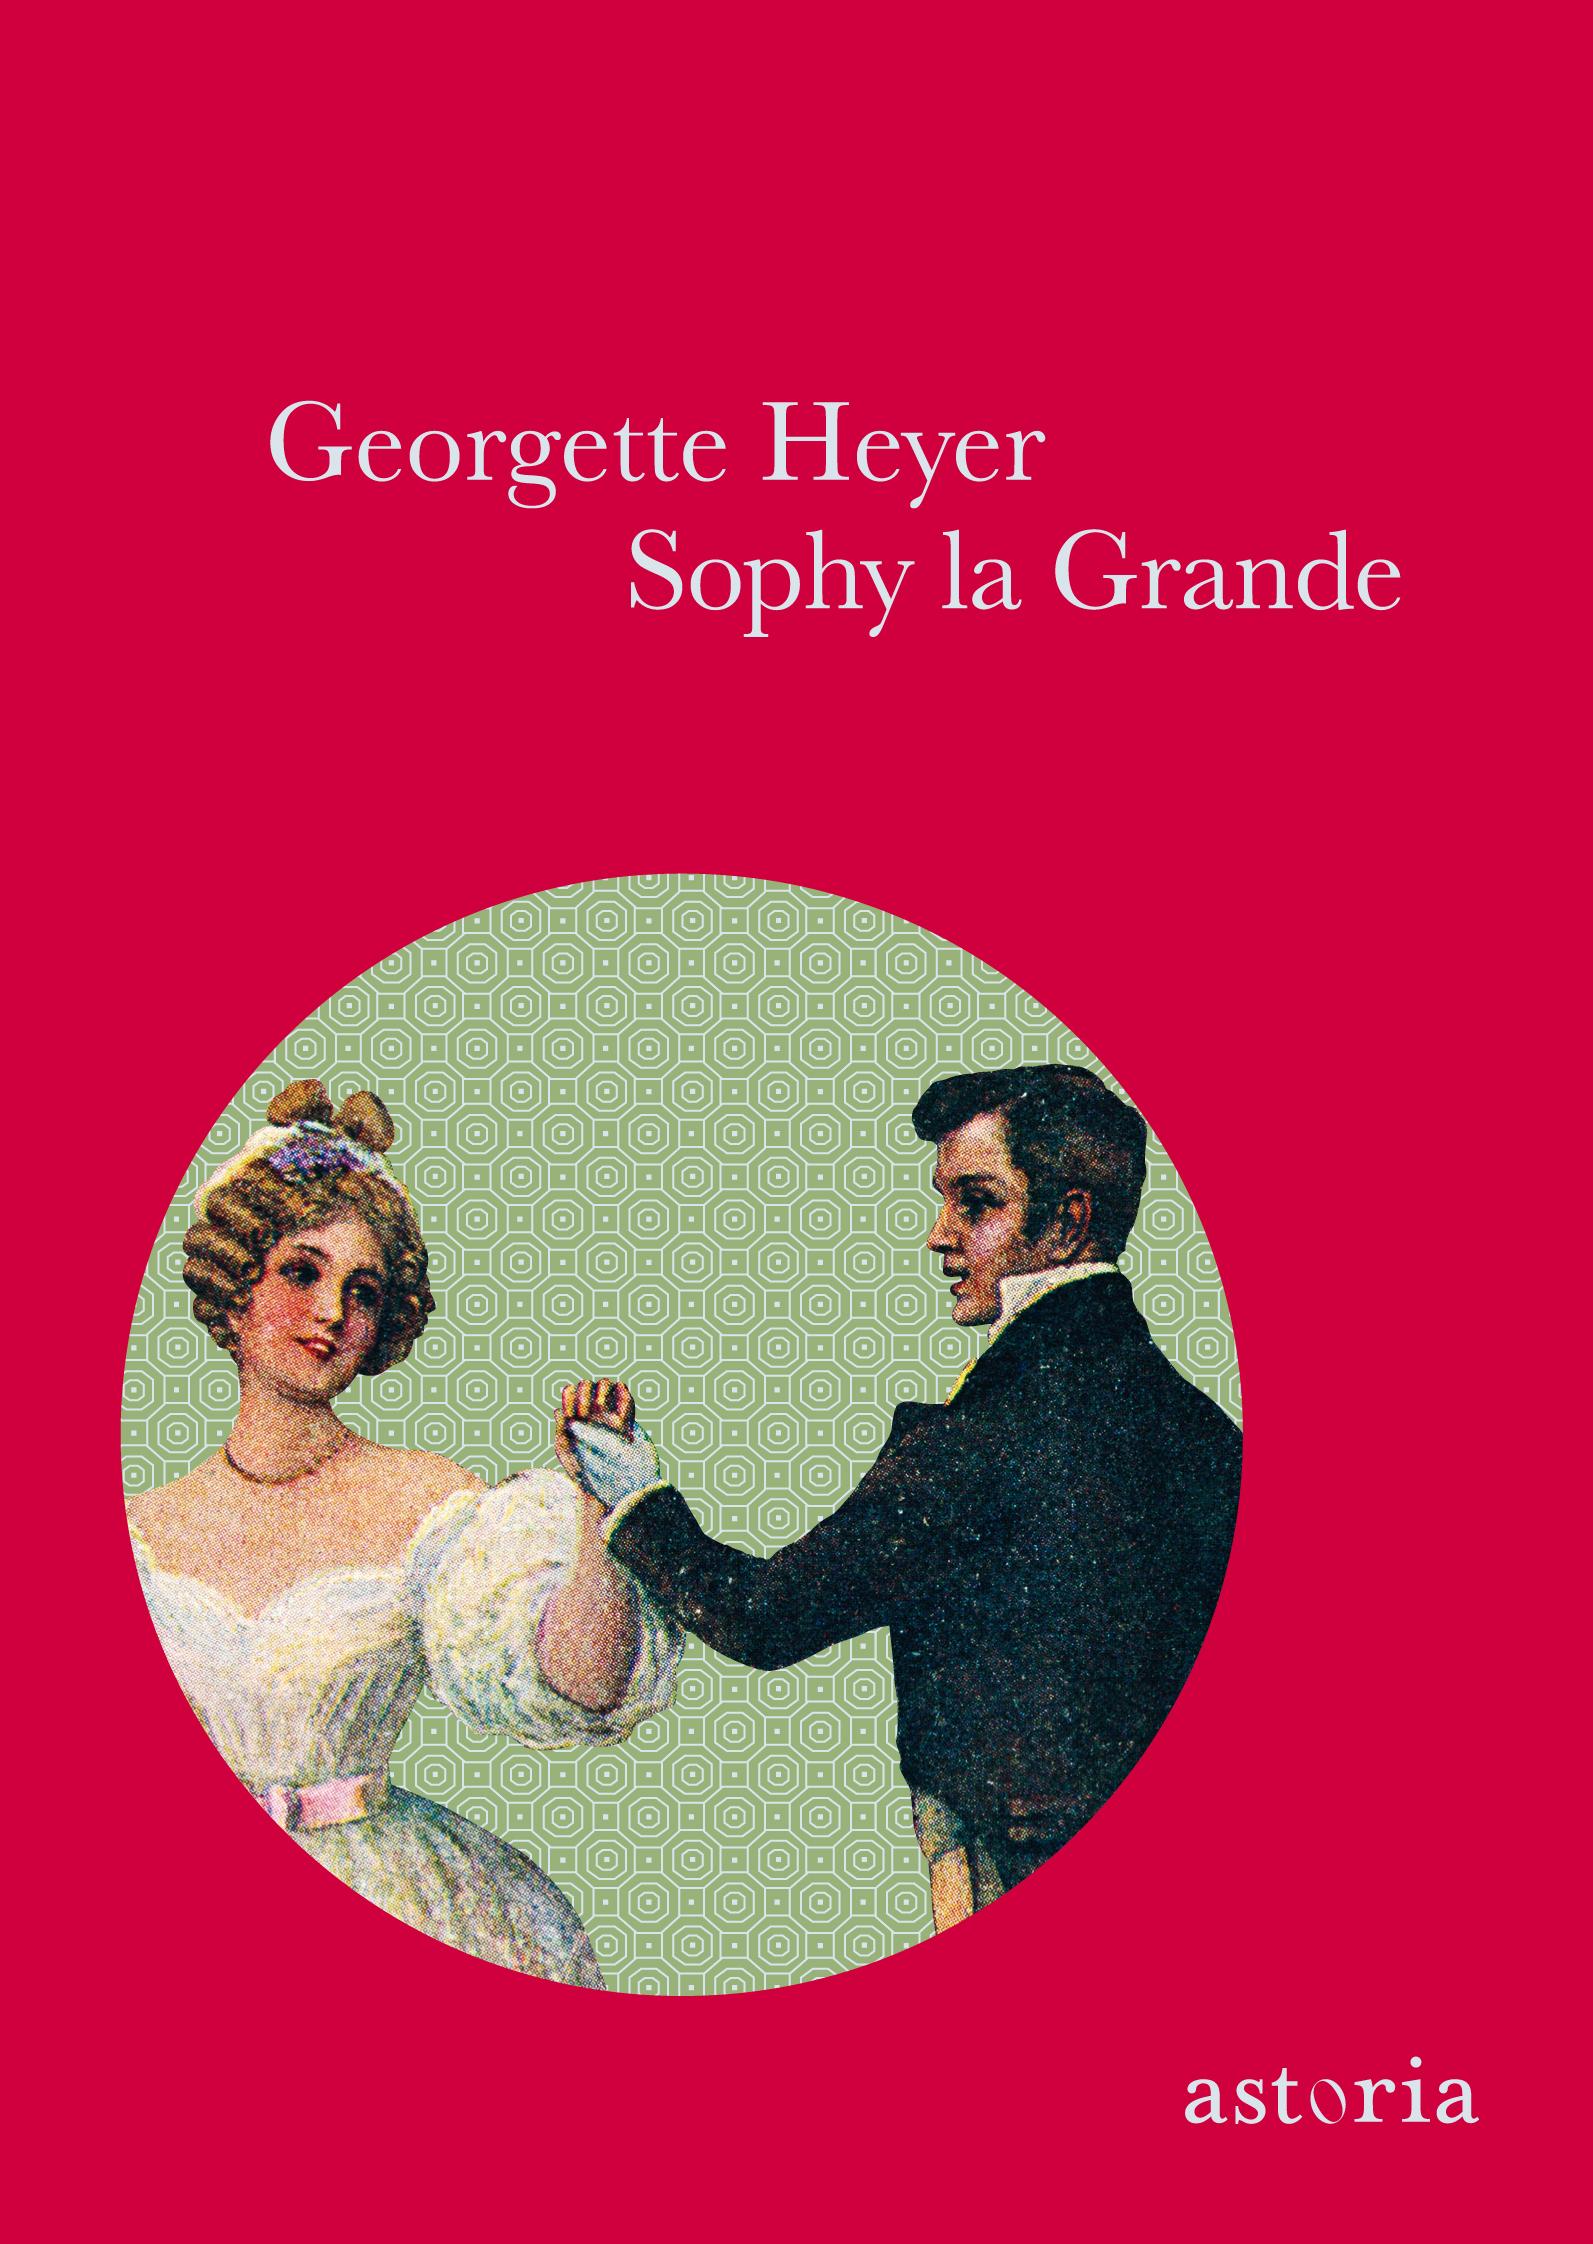 Georgette Heyer, Sophy la grande